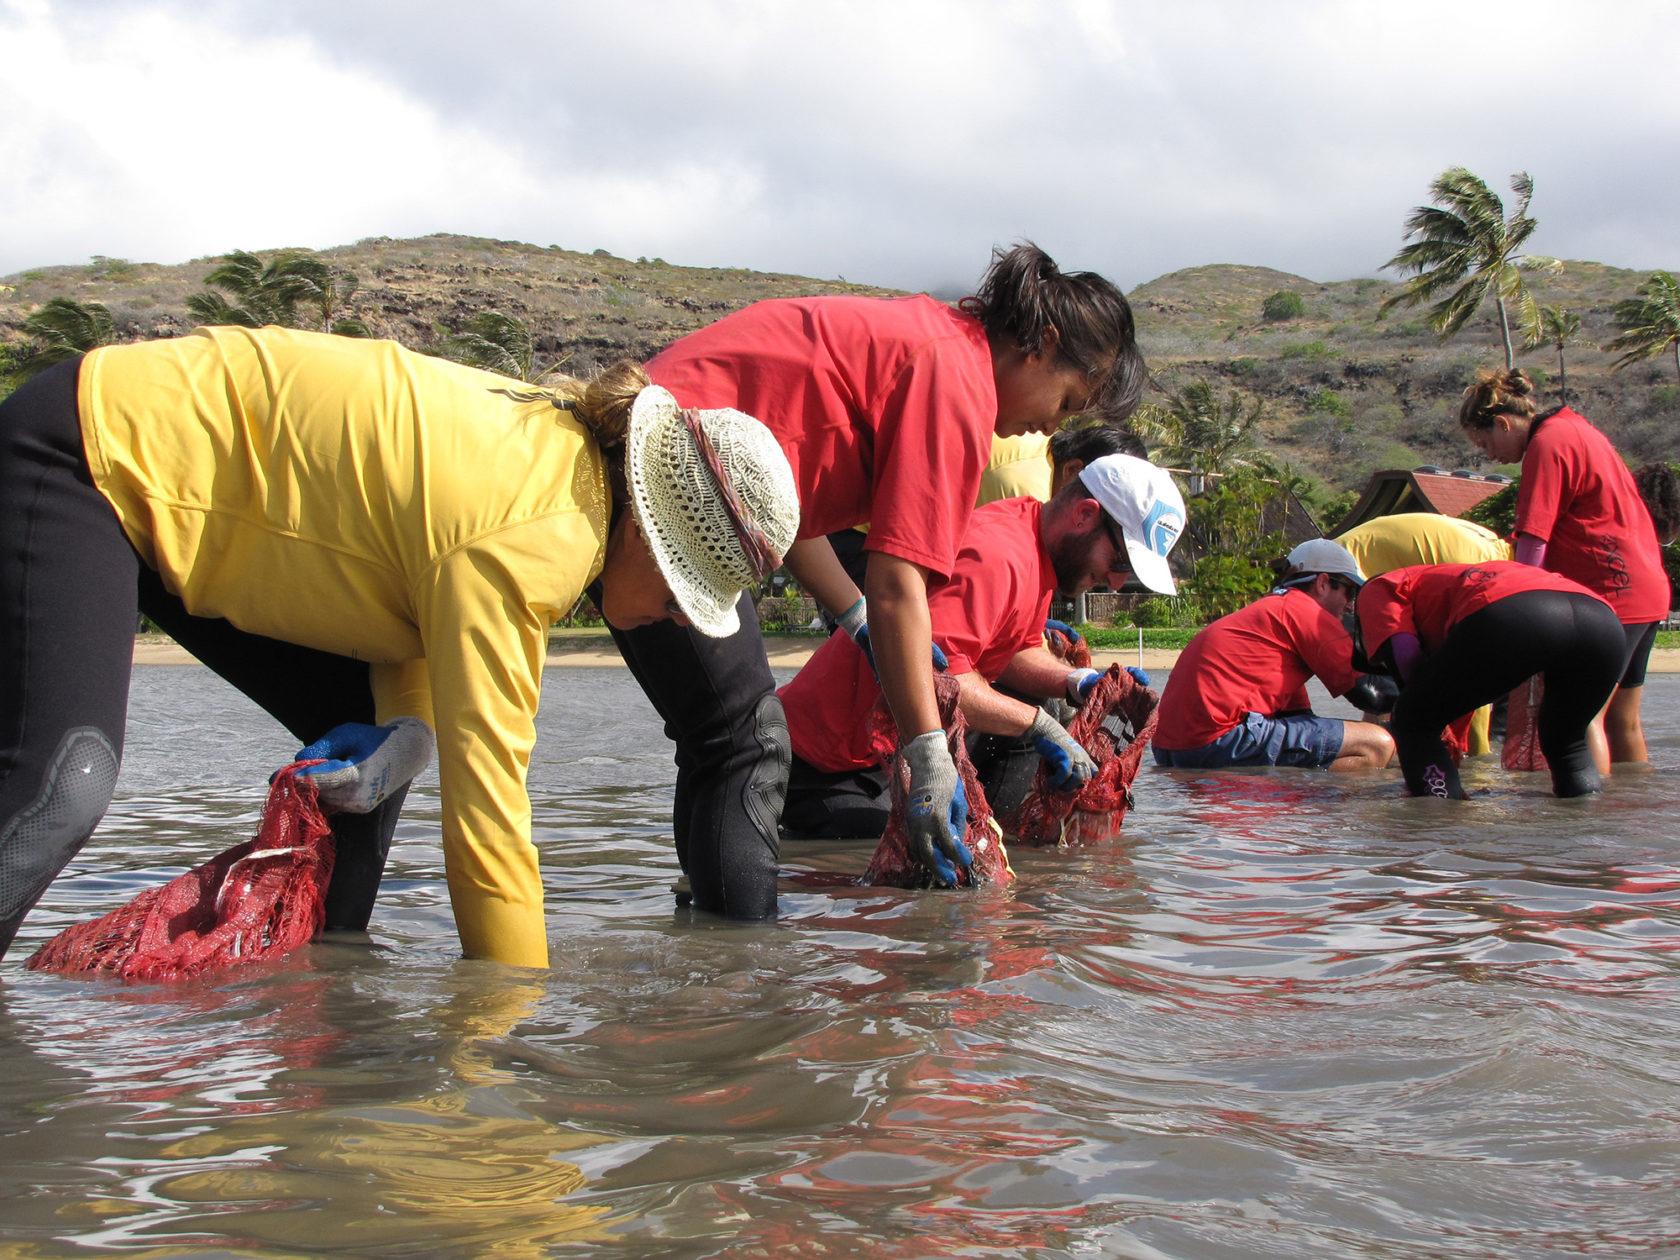 Invasive species eradication